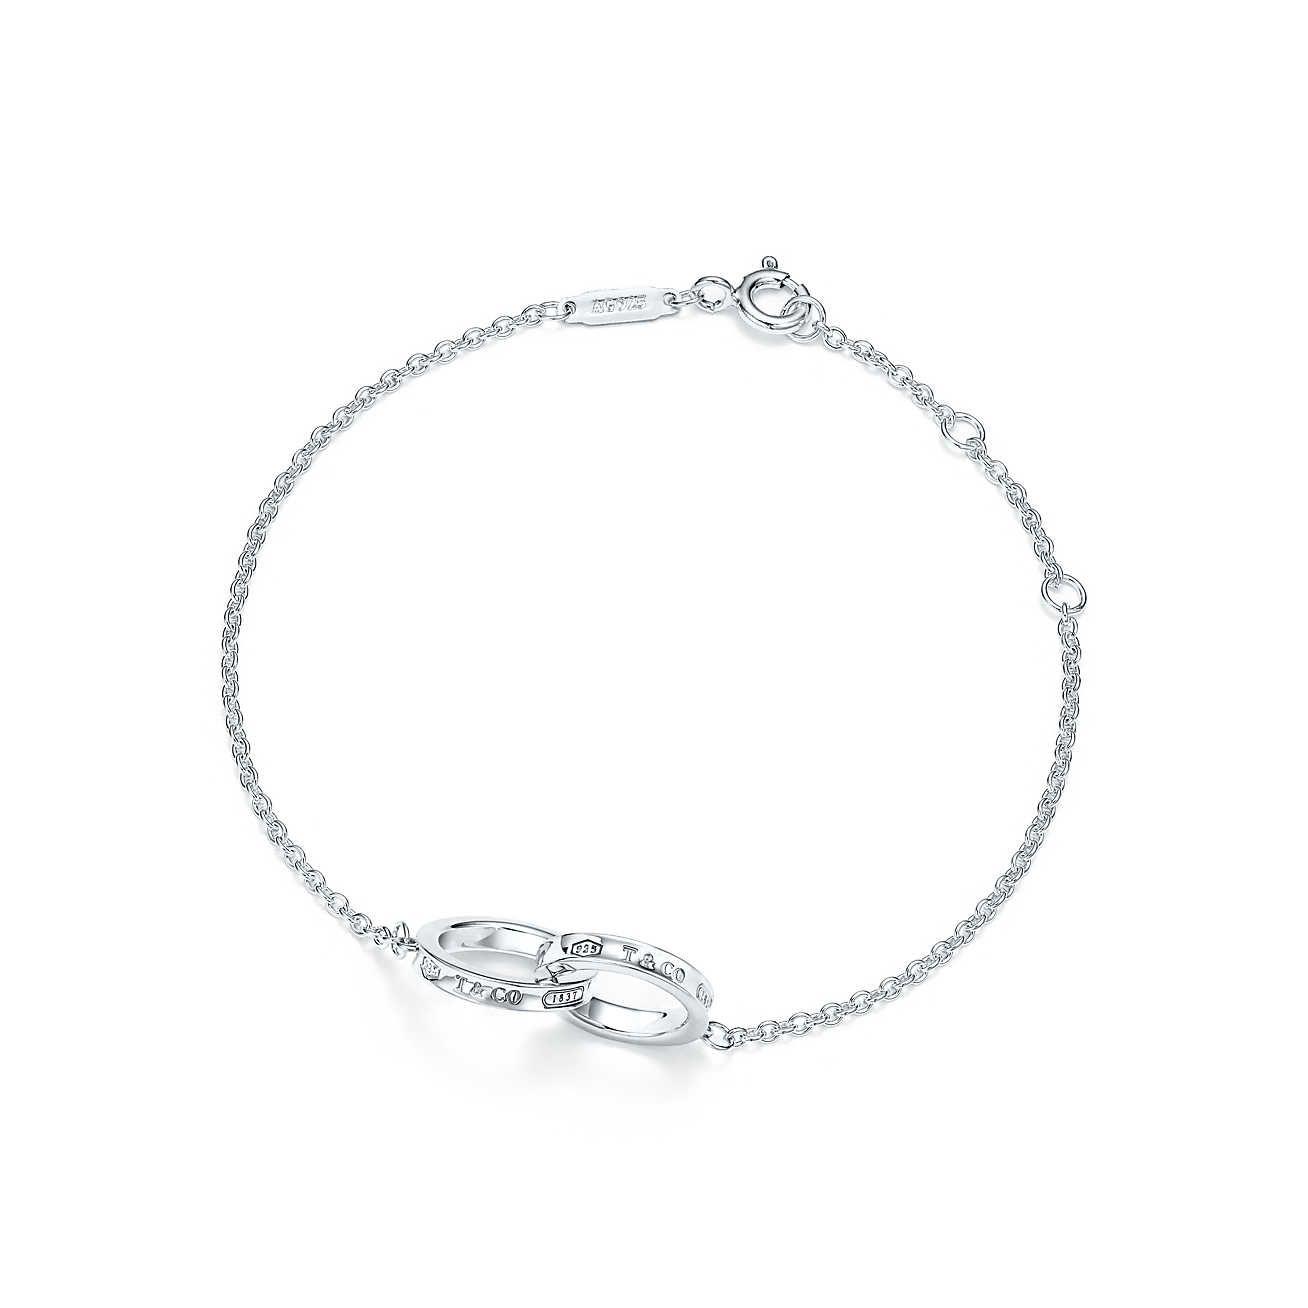 Tiffany 1837 Interlocking Bracelet In Sterling Silver